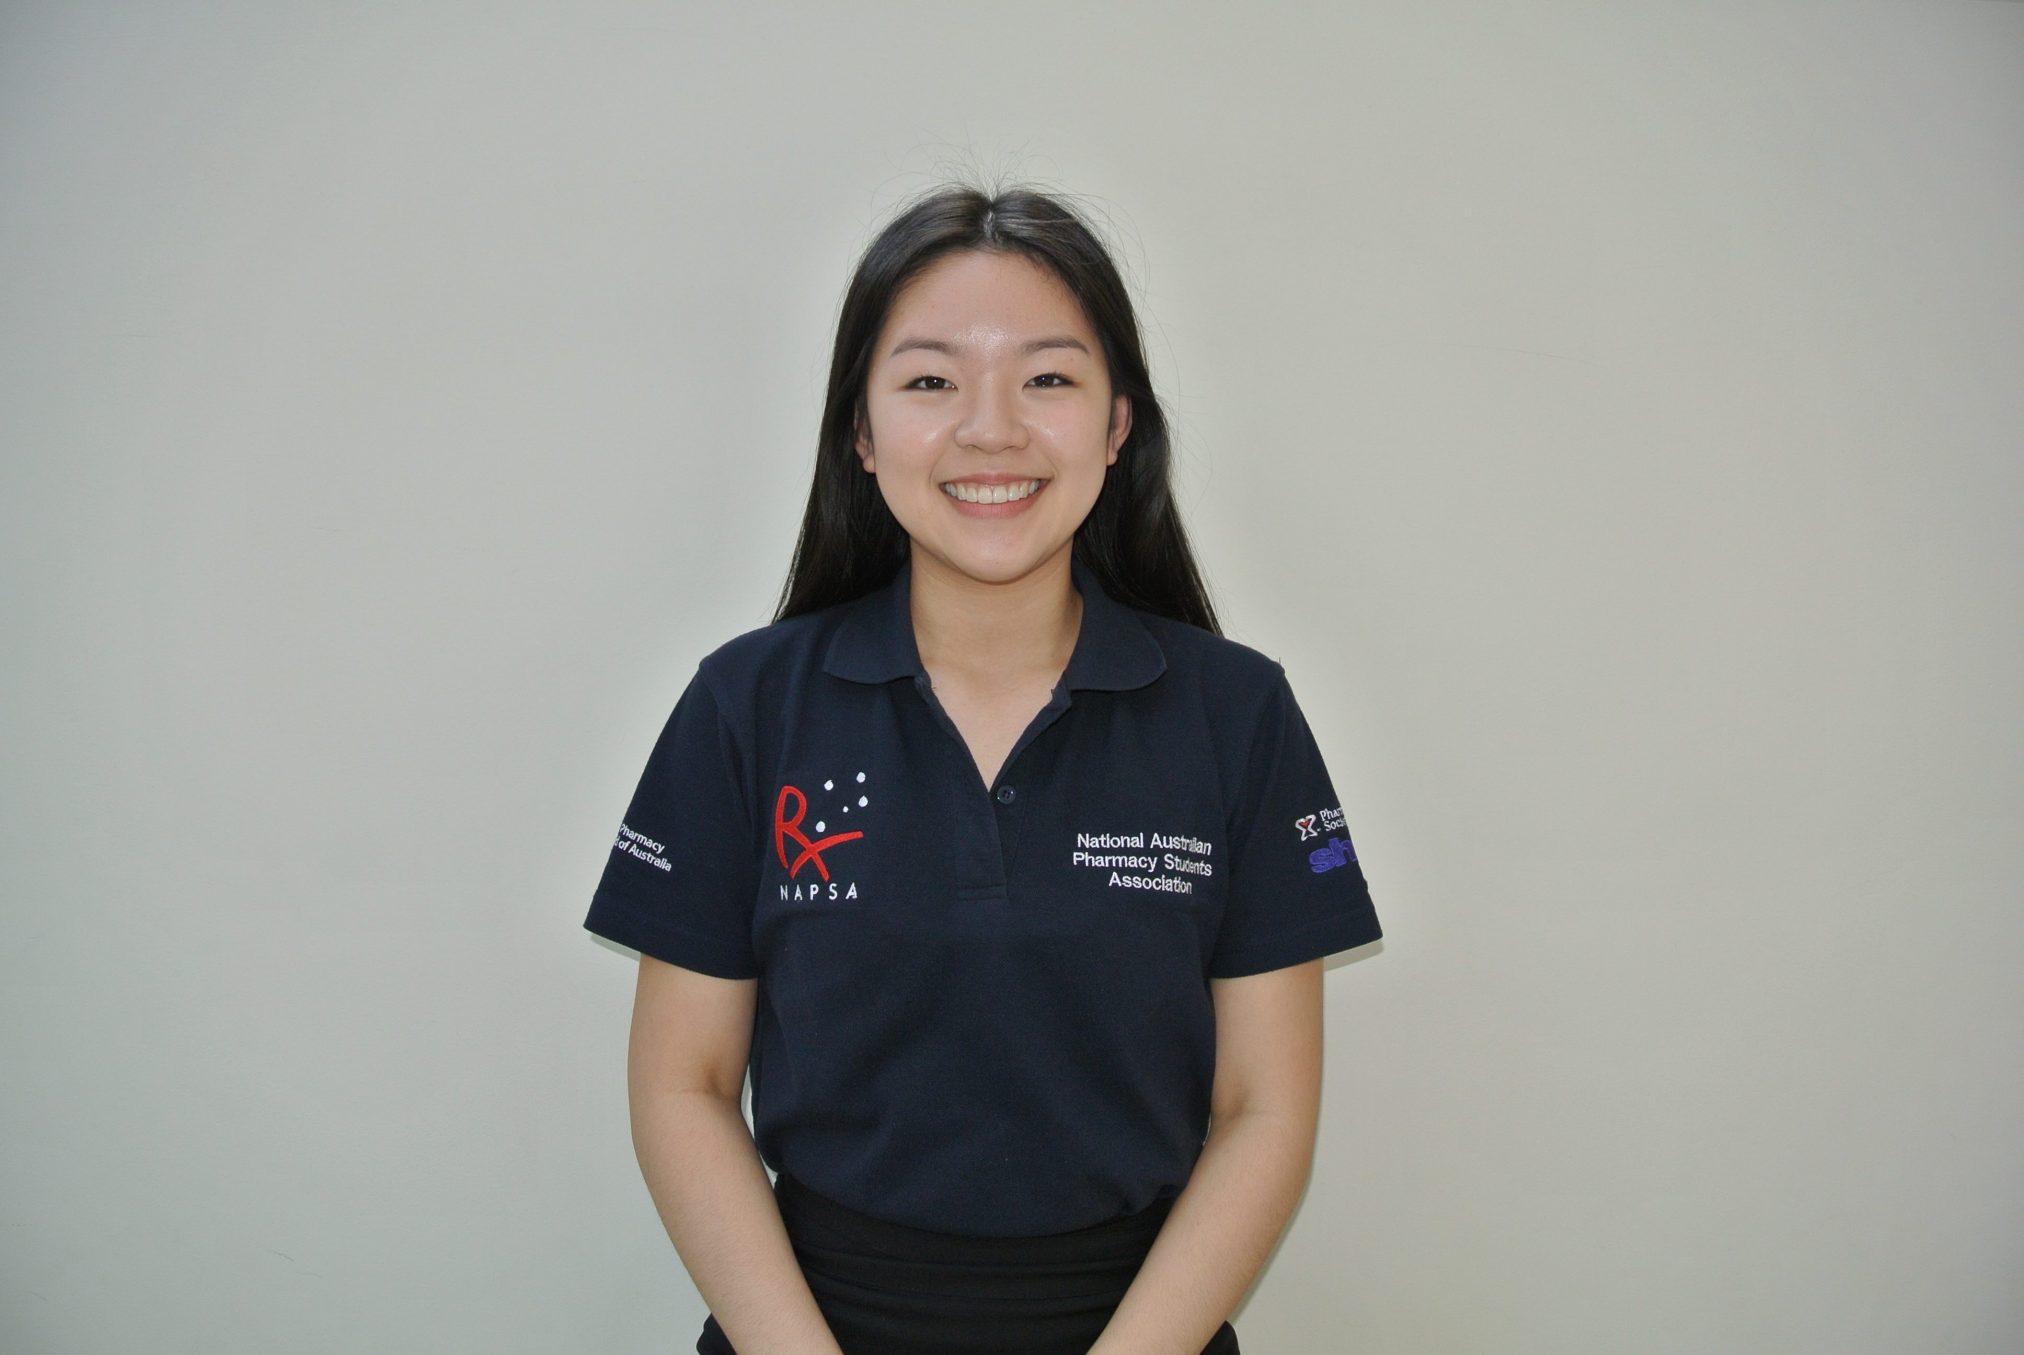 Jessica Hsiao